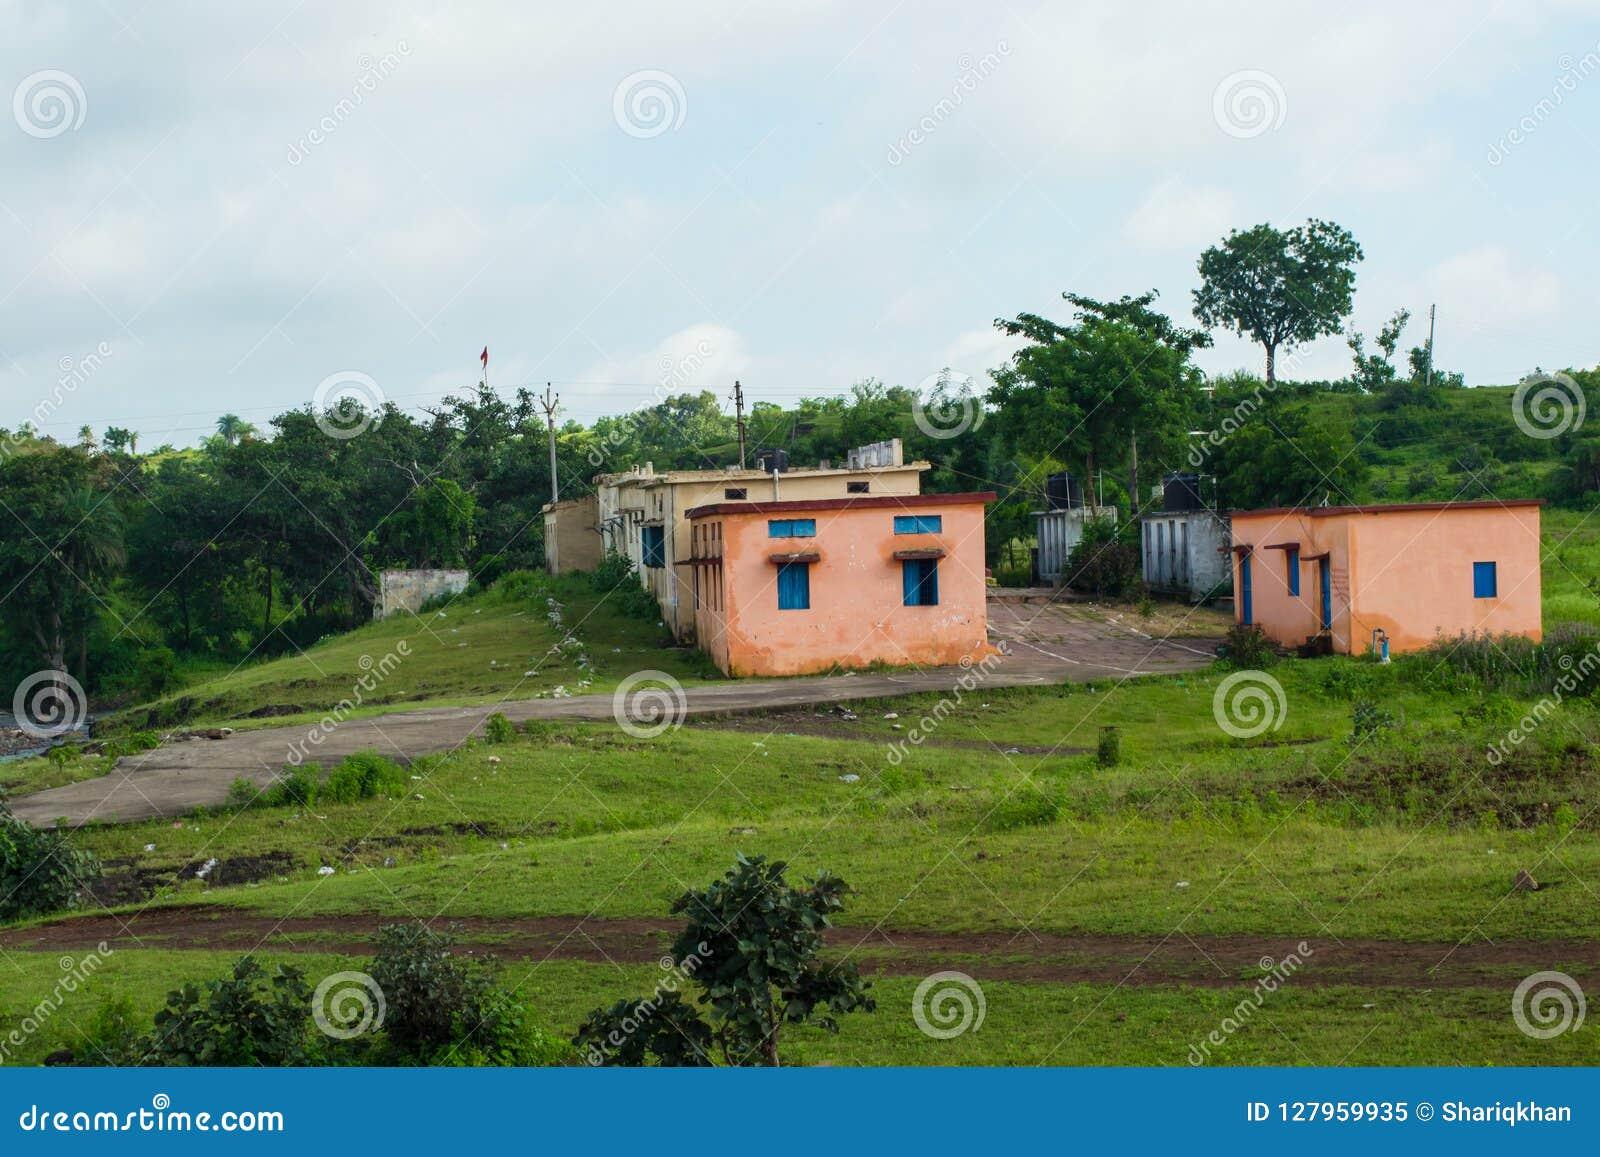 农村学校和旅舍